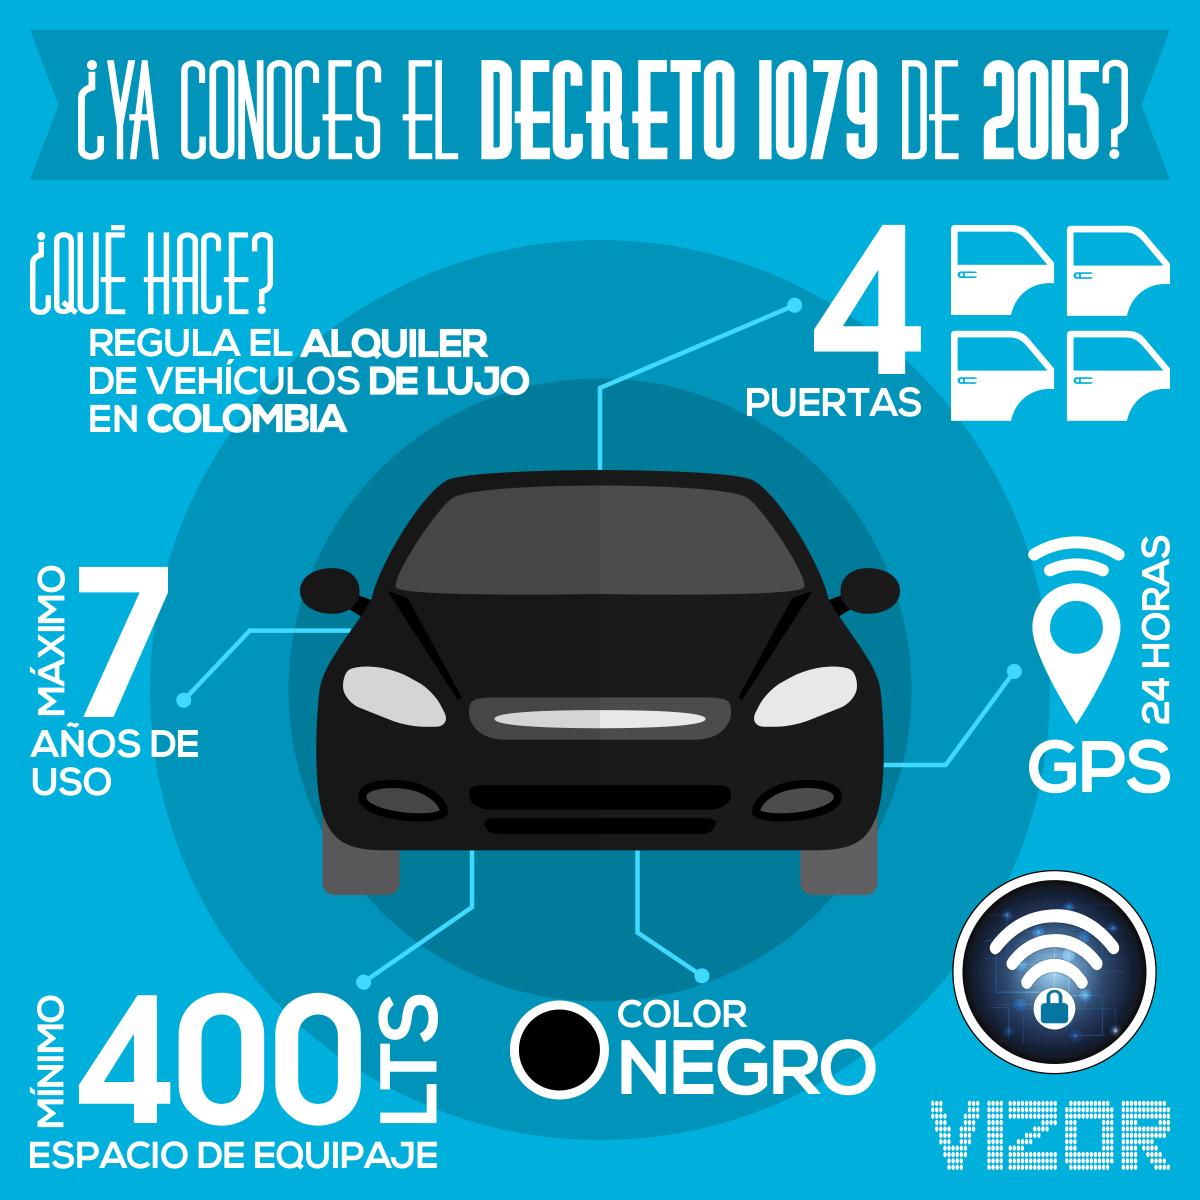 ¿Conoces el decreto 1079 de 2015? #Colombia #Servicio #Vizor   www.vizormobil.com